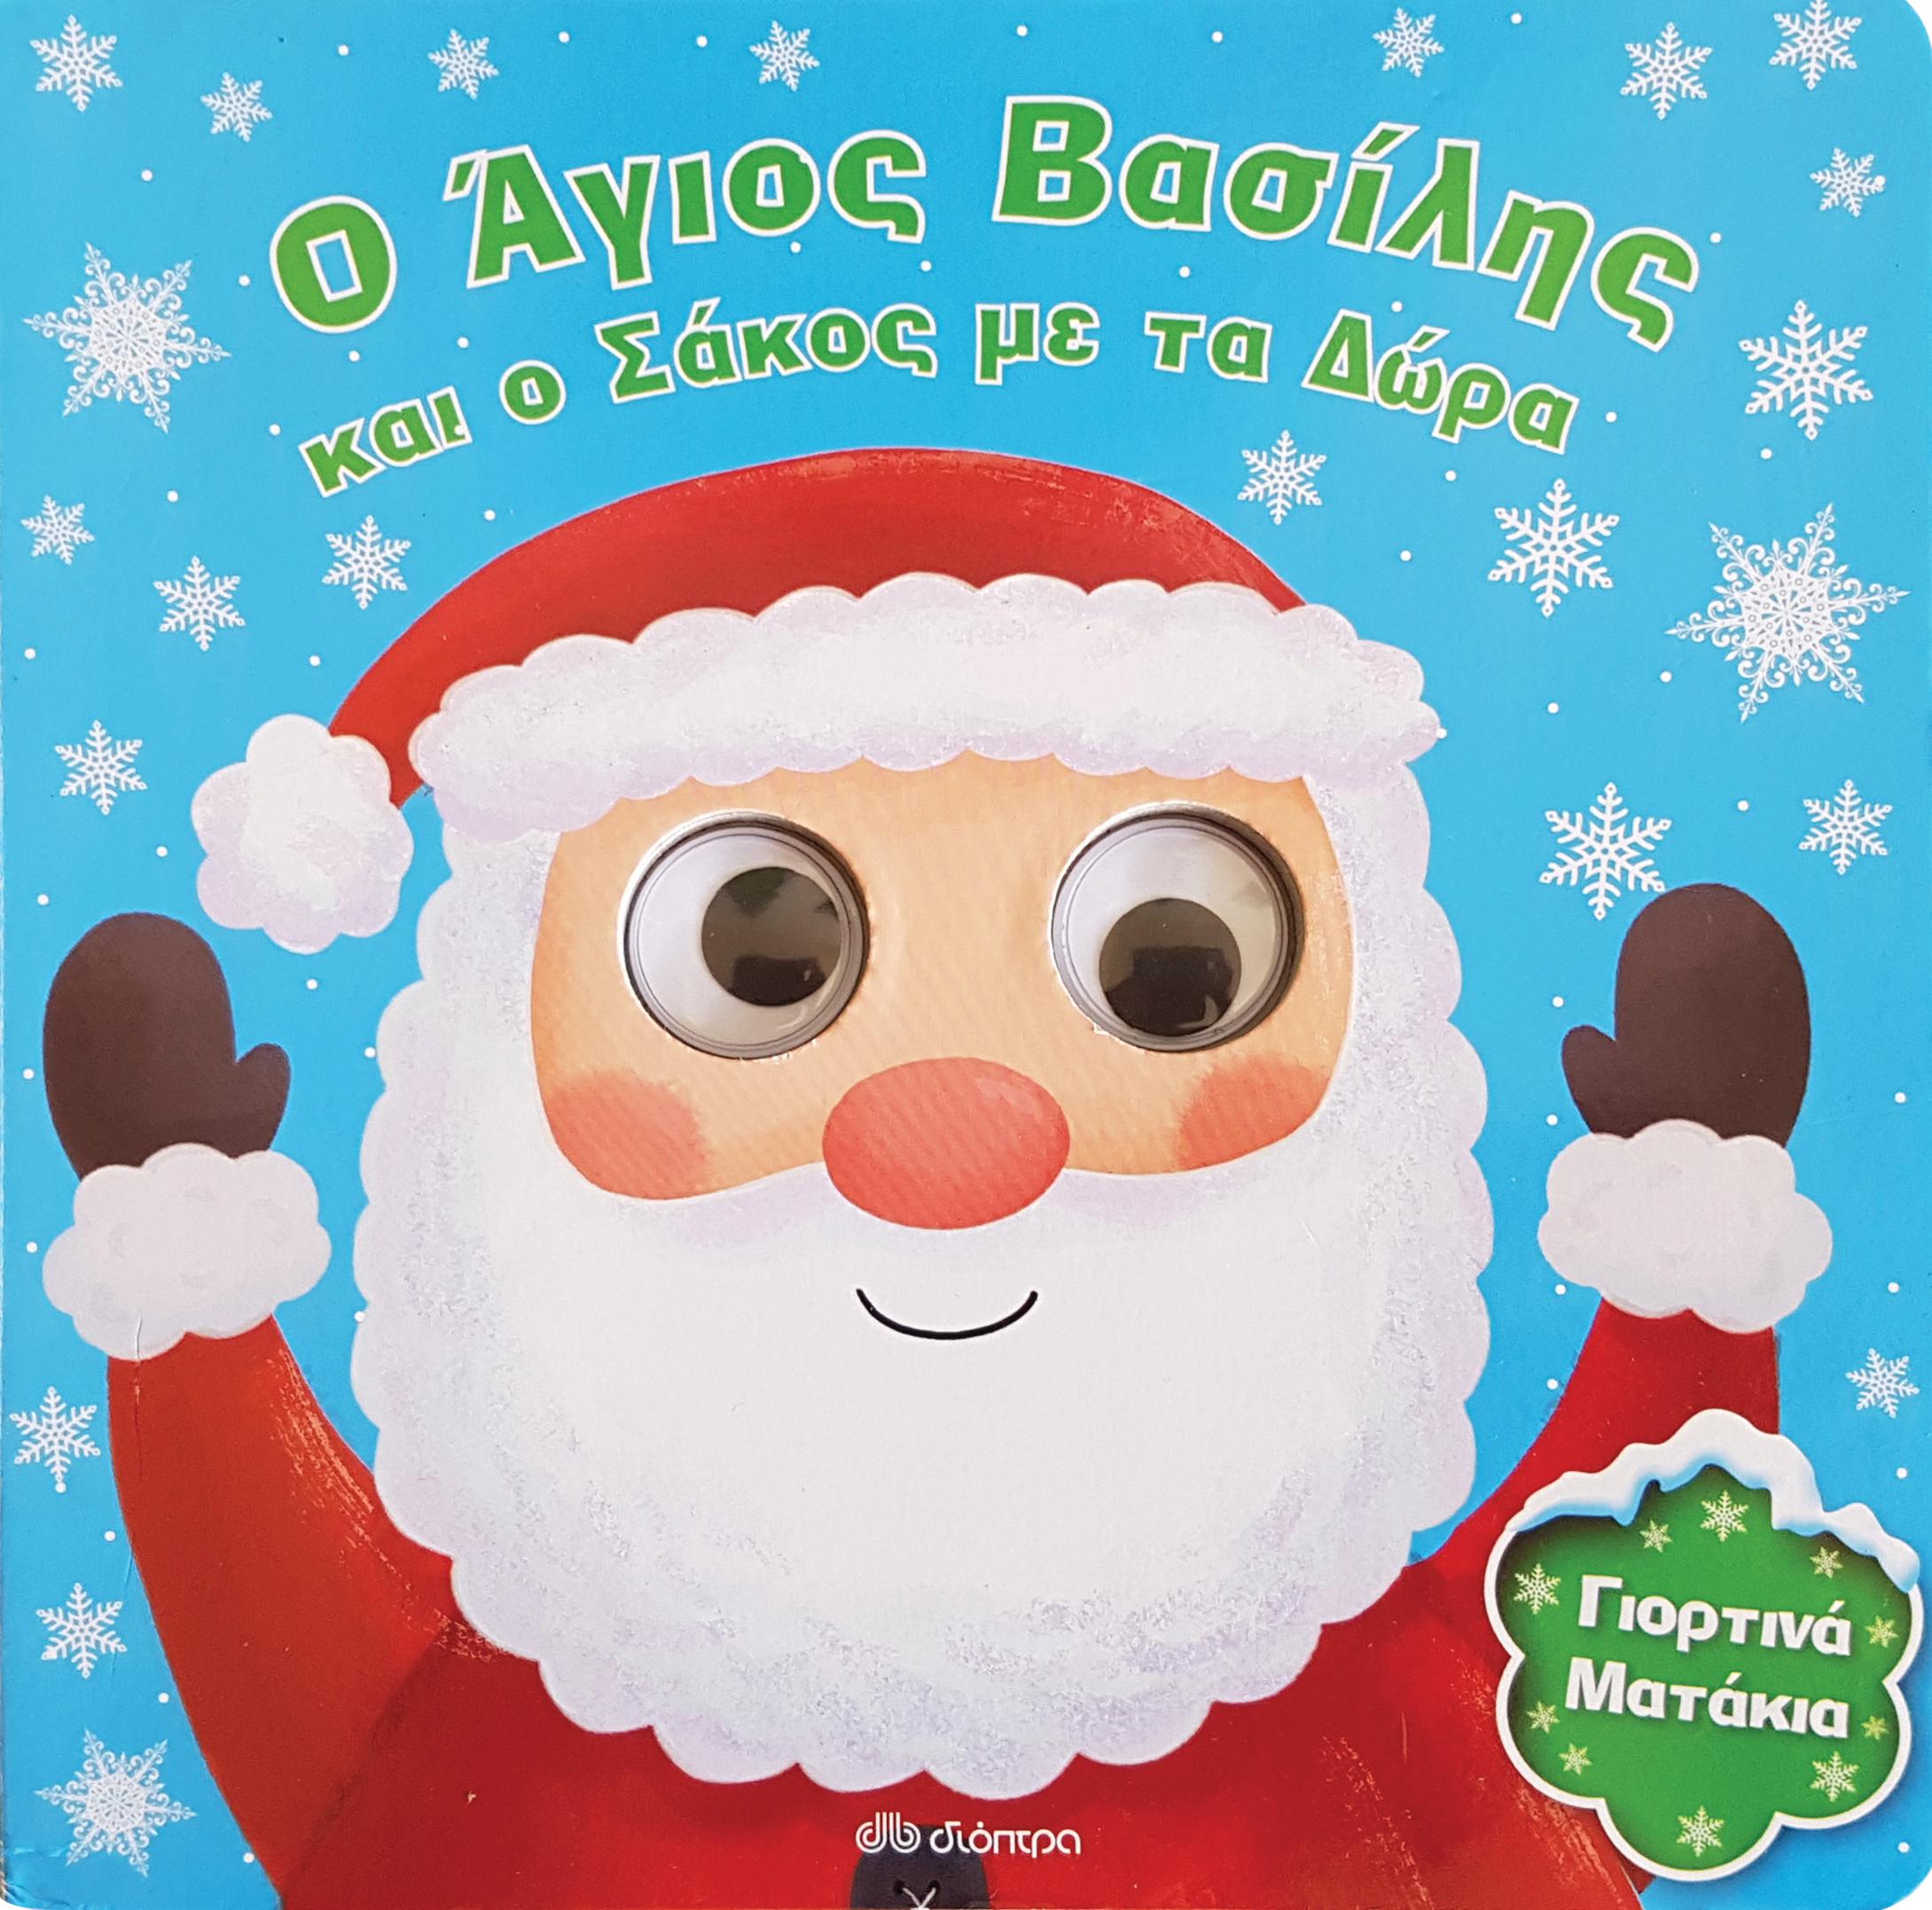 Ο Άγιος Βασίλης και ο σάκος με τα δώρα παιδικά βιβλία